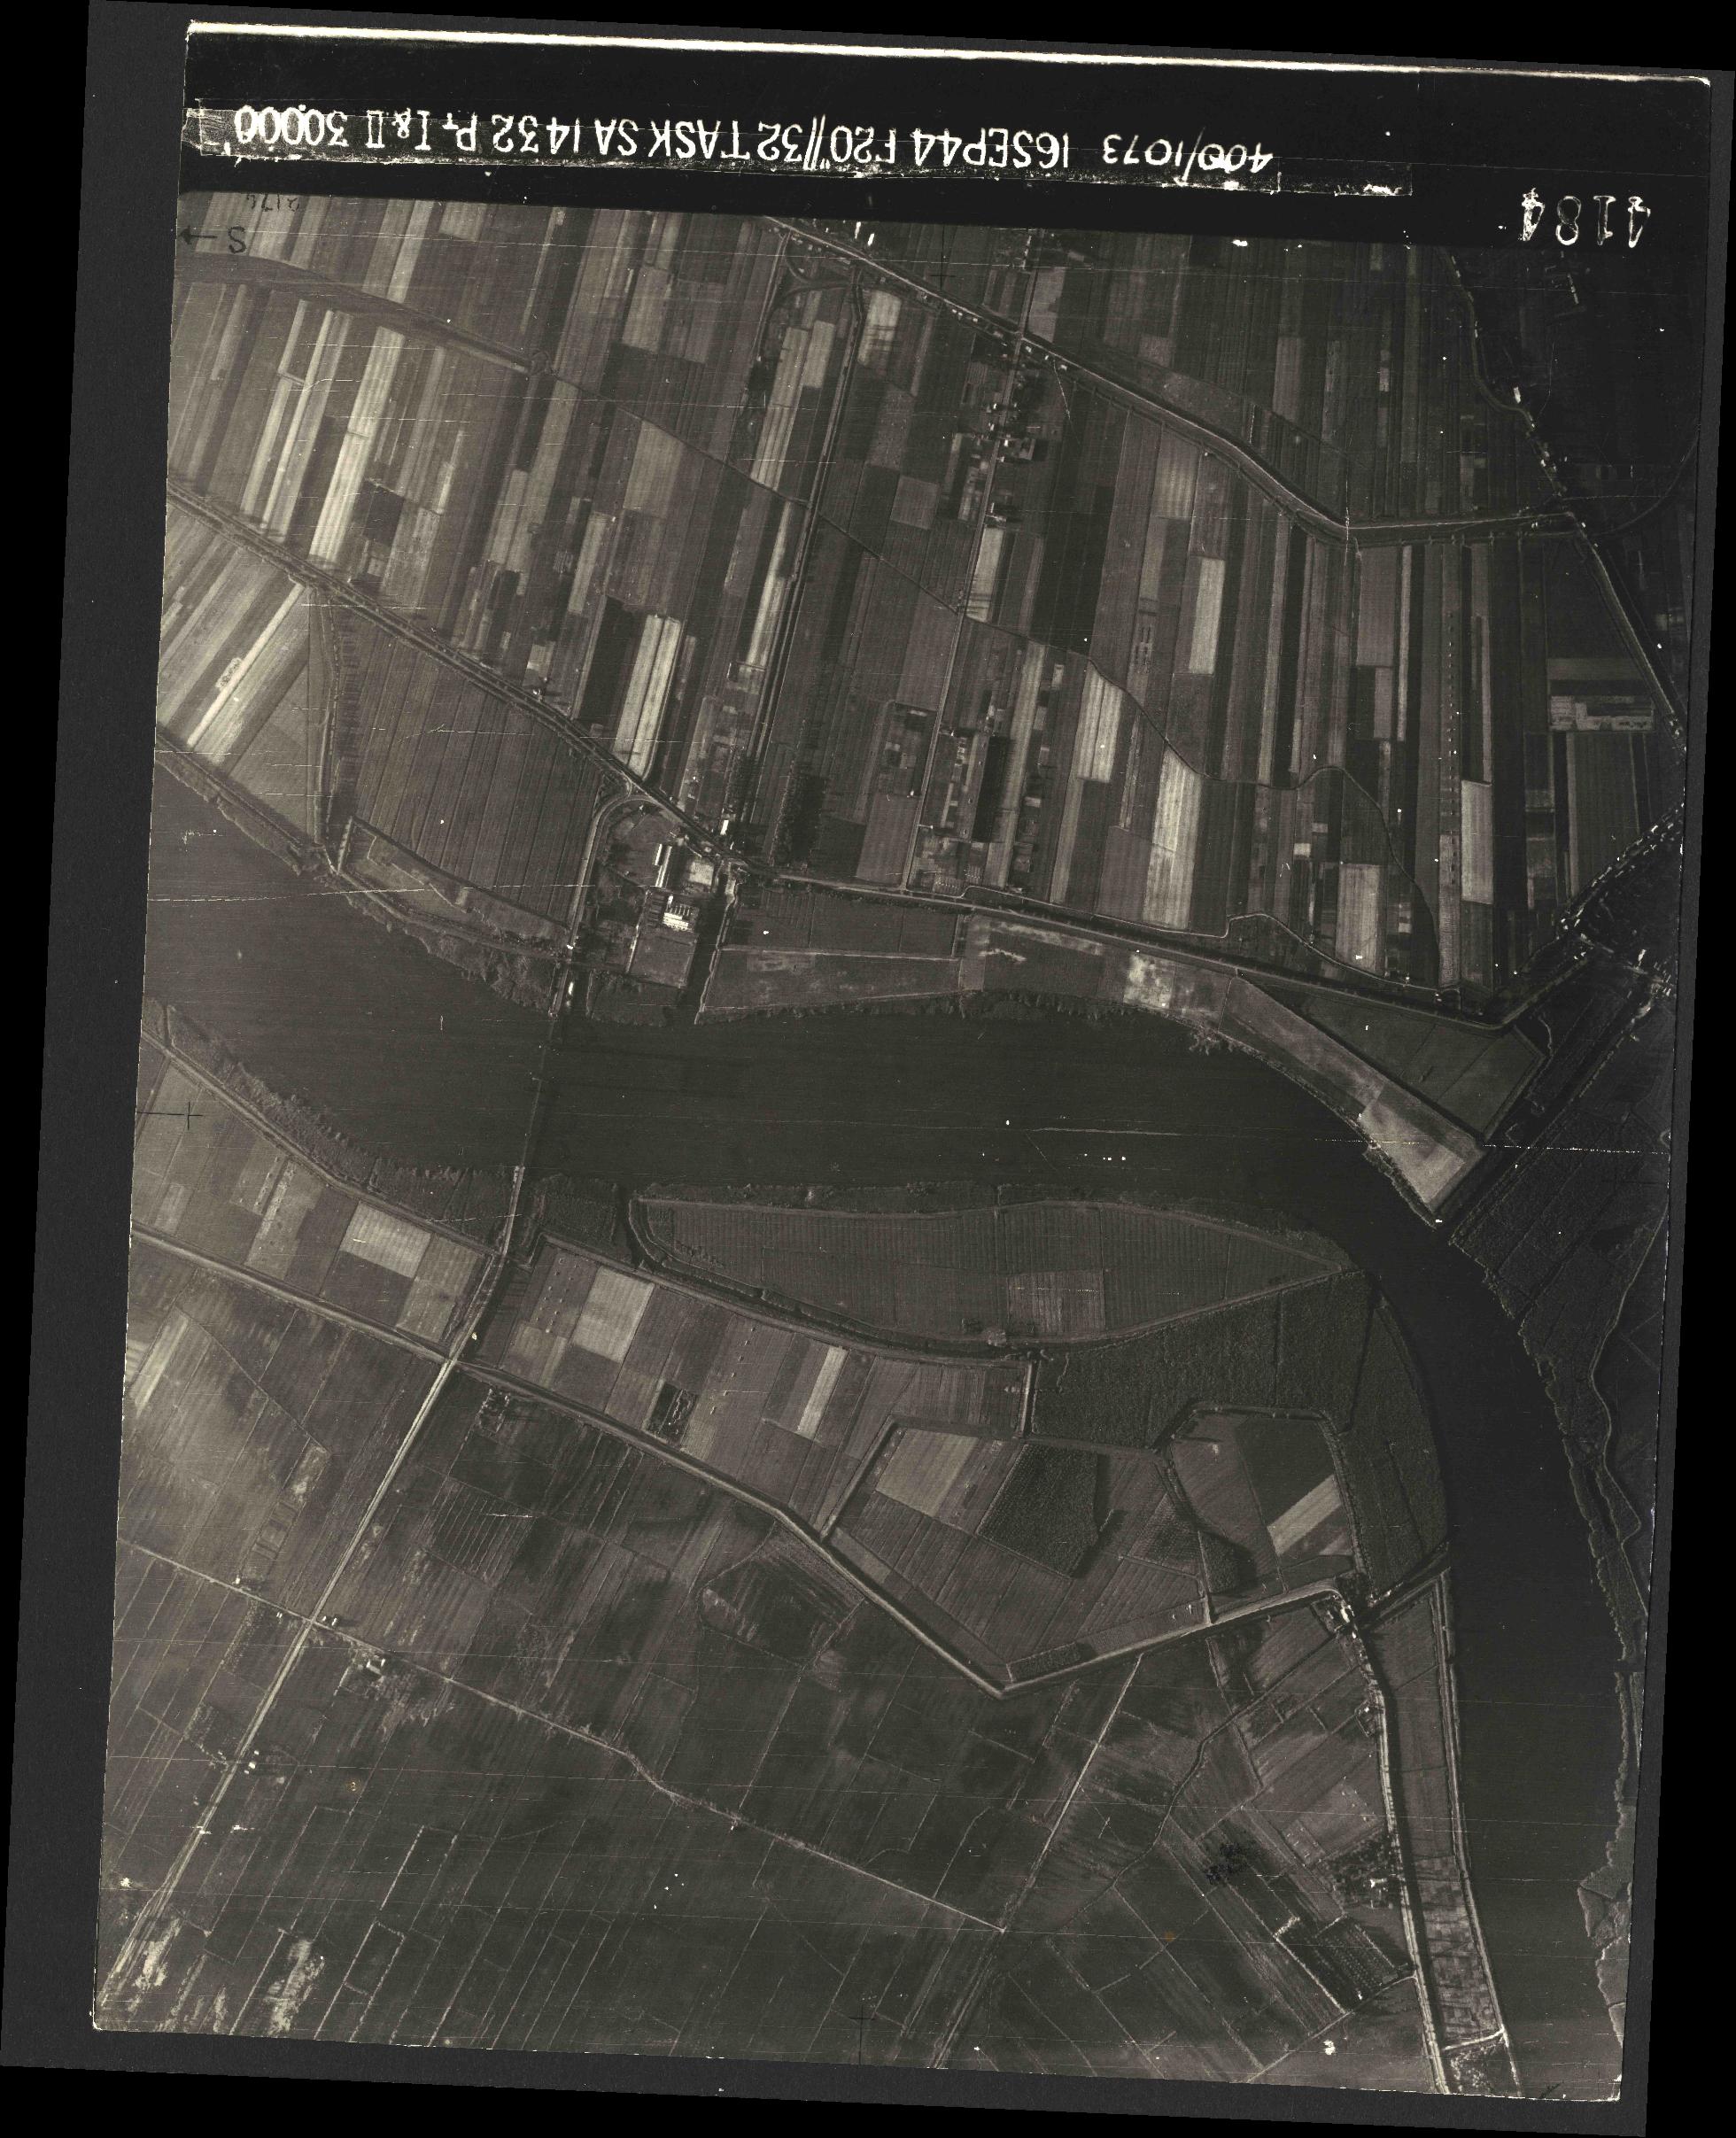 Collection RAF aerial photos 1940-1945 - flight 013, run 01, photo 4184